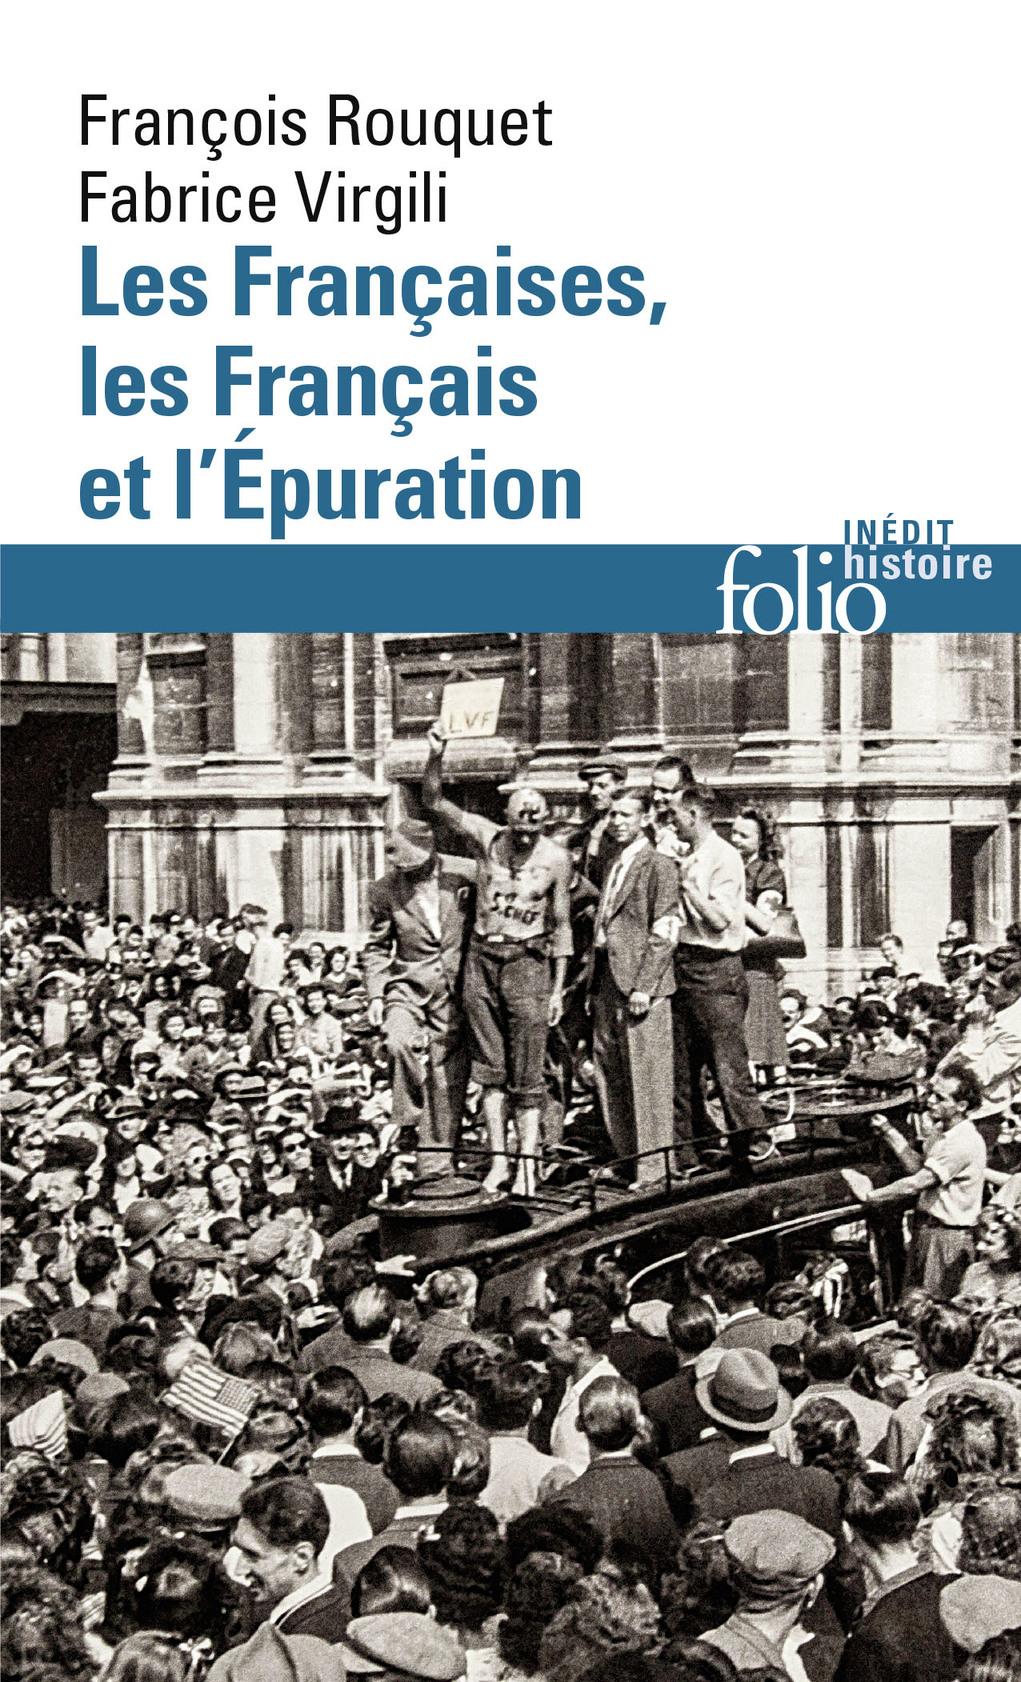 Les Françaises, les Français et l'Épuration